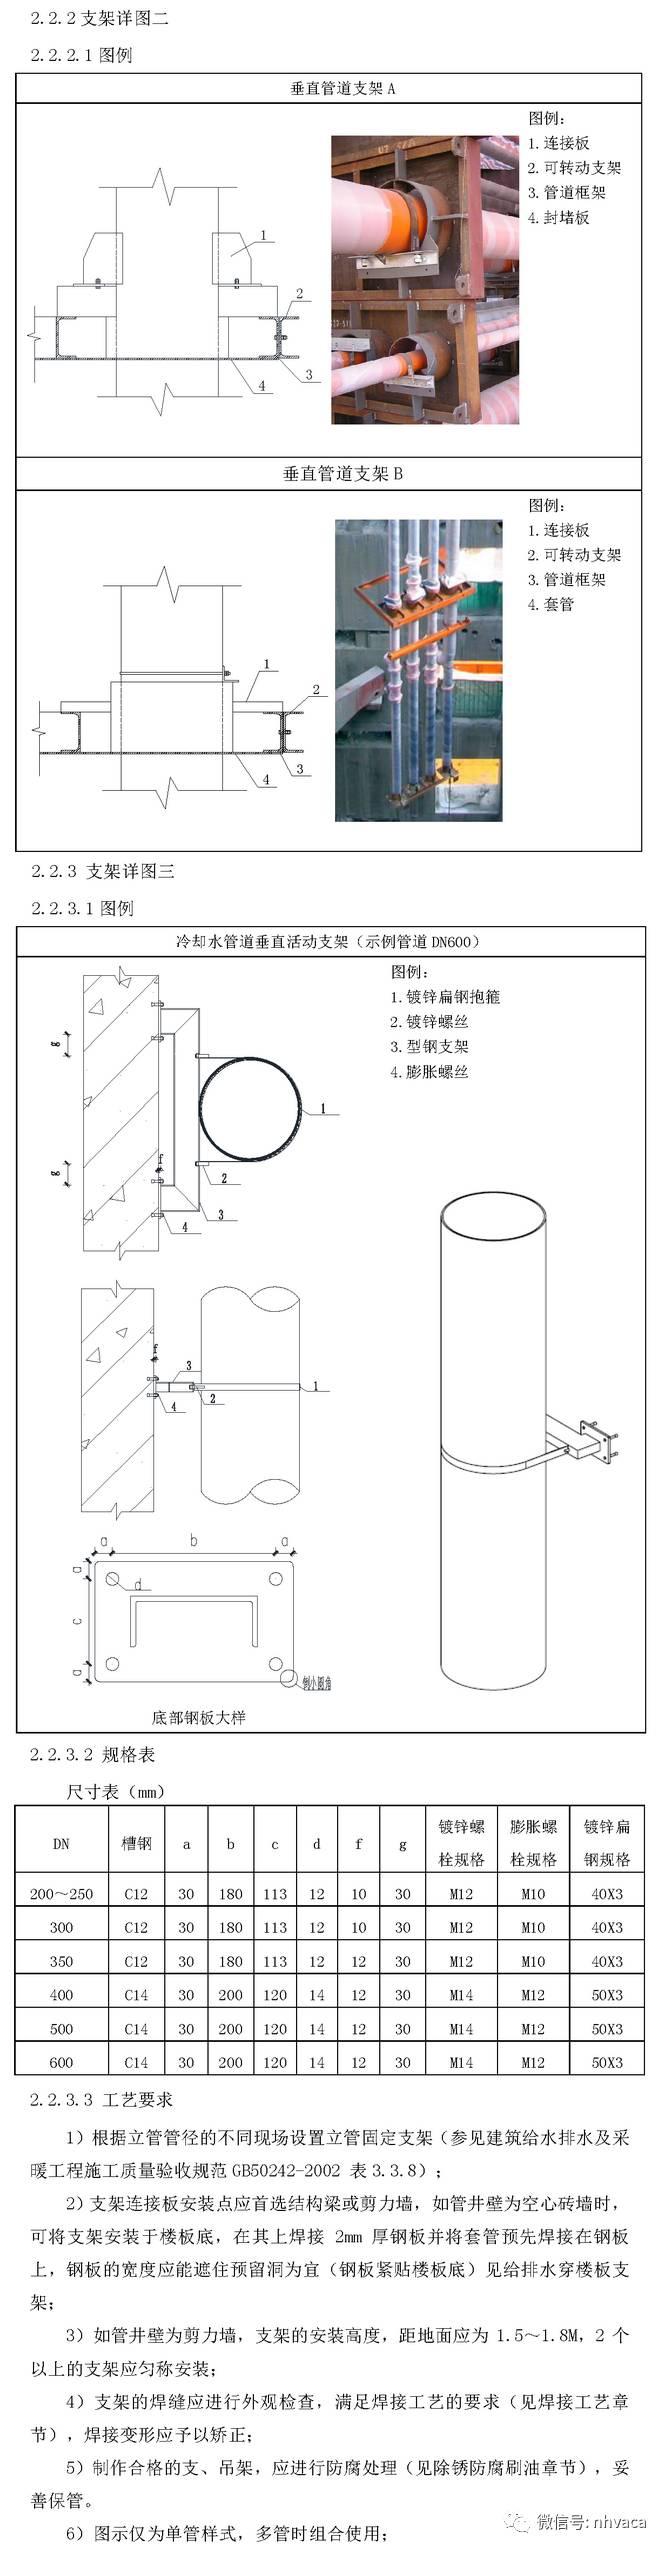 暖通空调施工工艺标准图集(53张图)_4